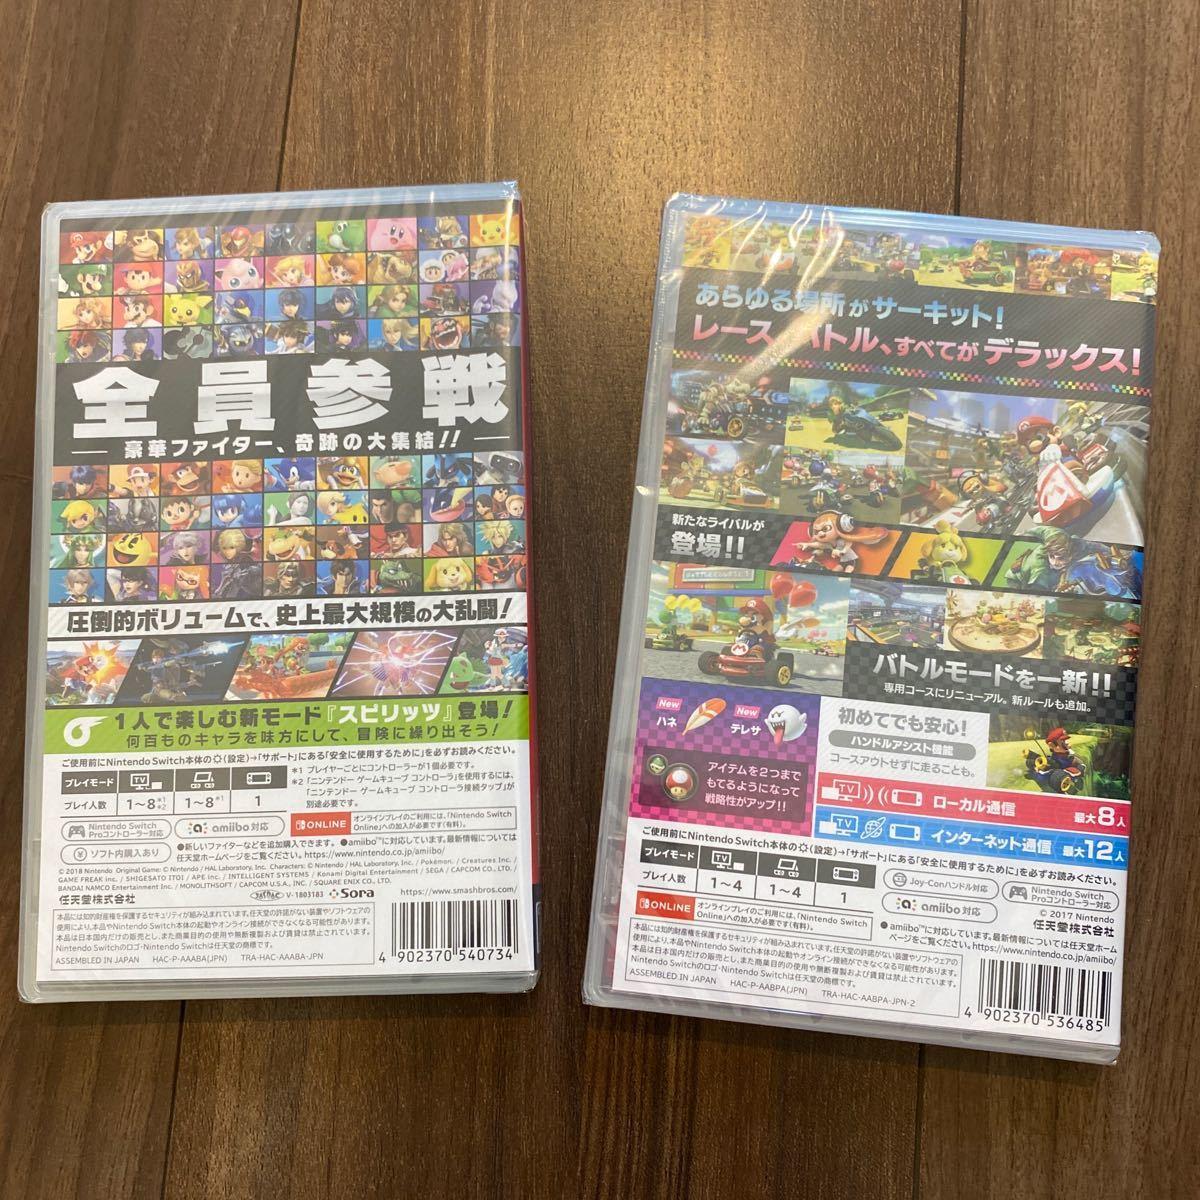 Switch大乱闘スマッシュブラザーズスペシャル+マリオカート8デラックス 新品未開封即決!